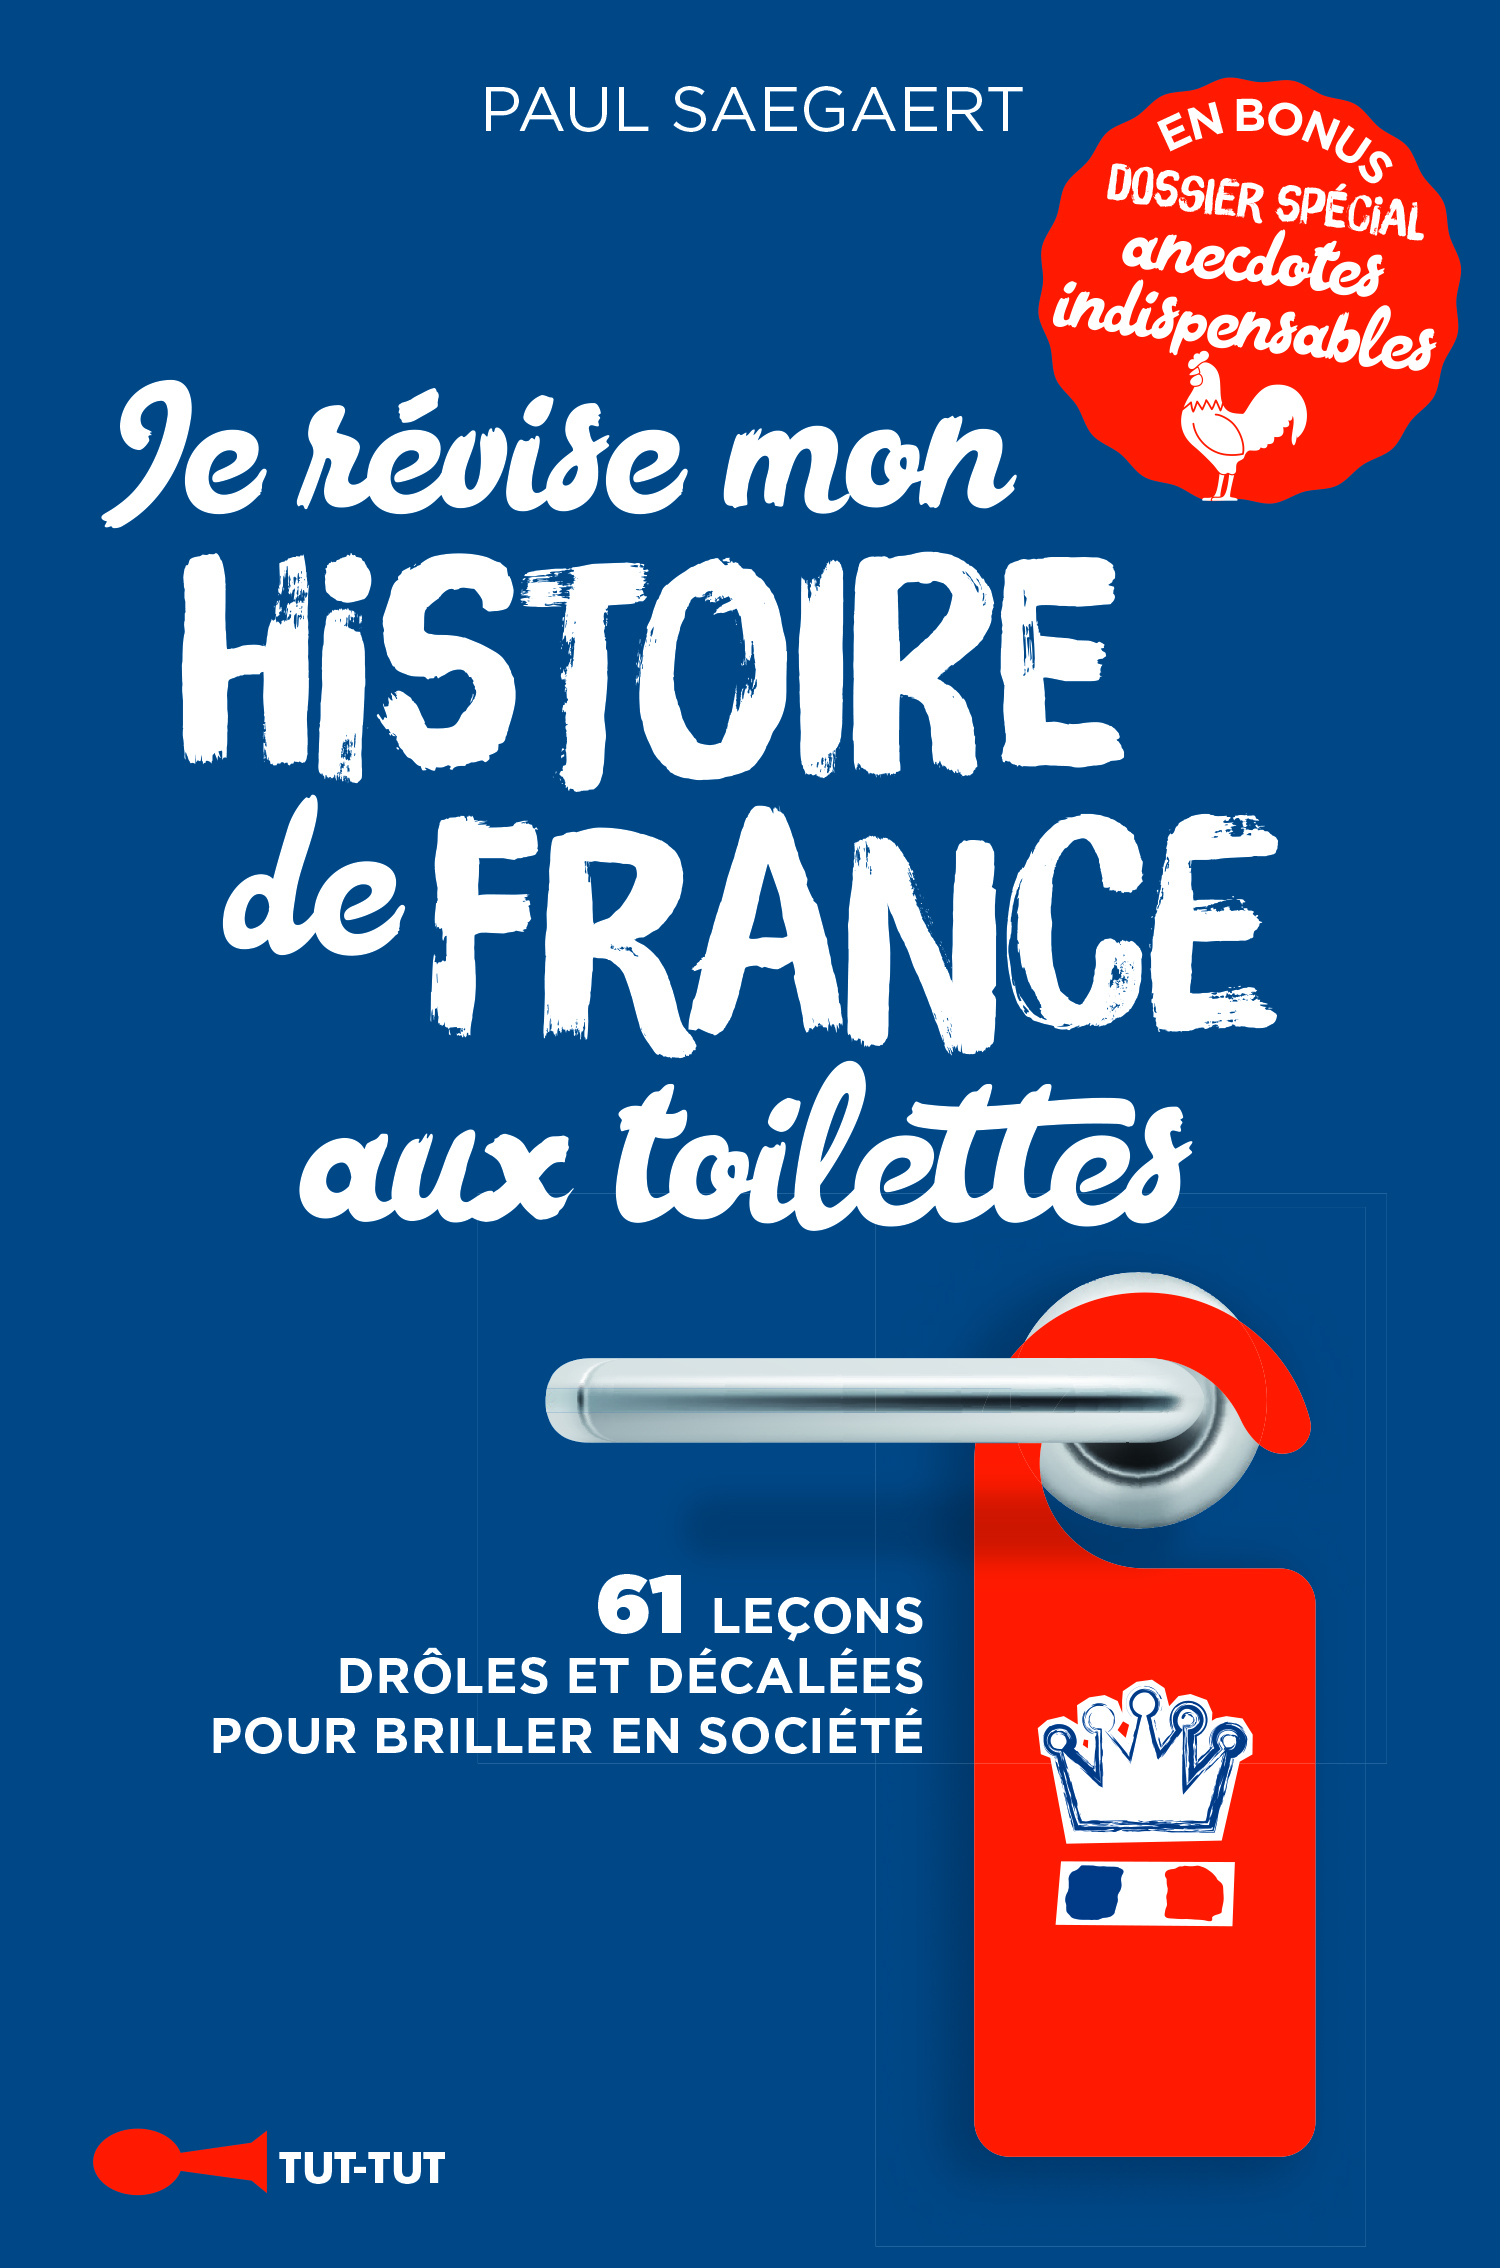 JE REVISE MON HISTOIRE DE FRANCE AUX TOILETTES